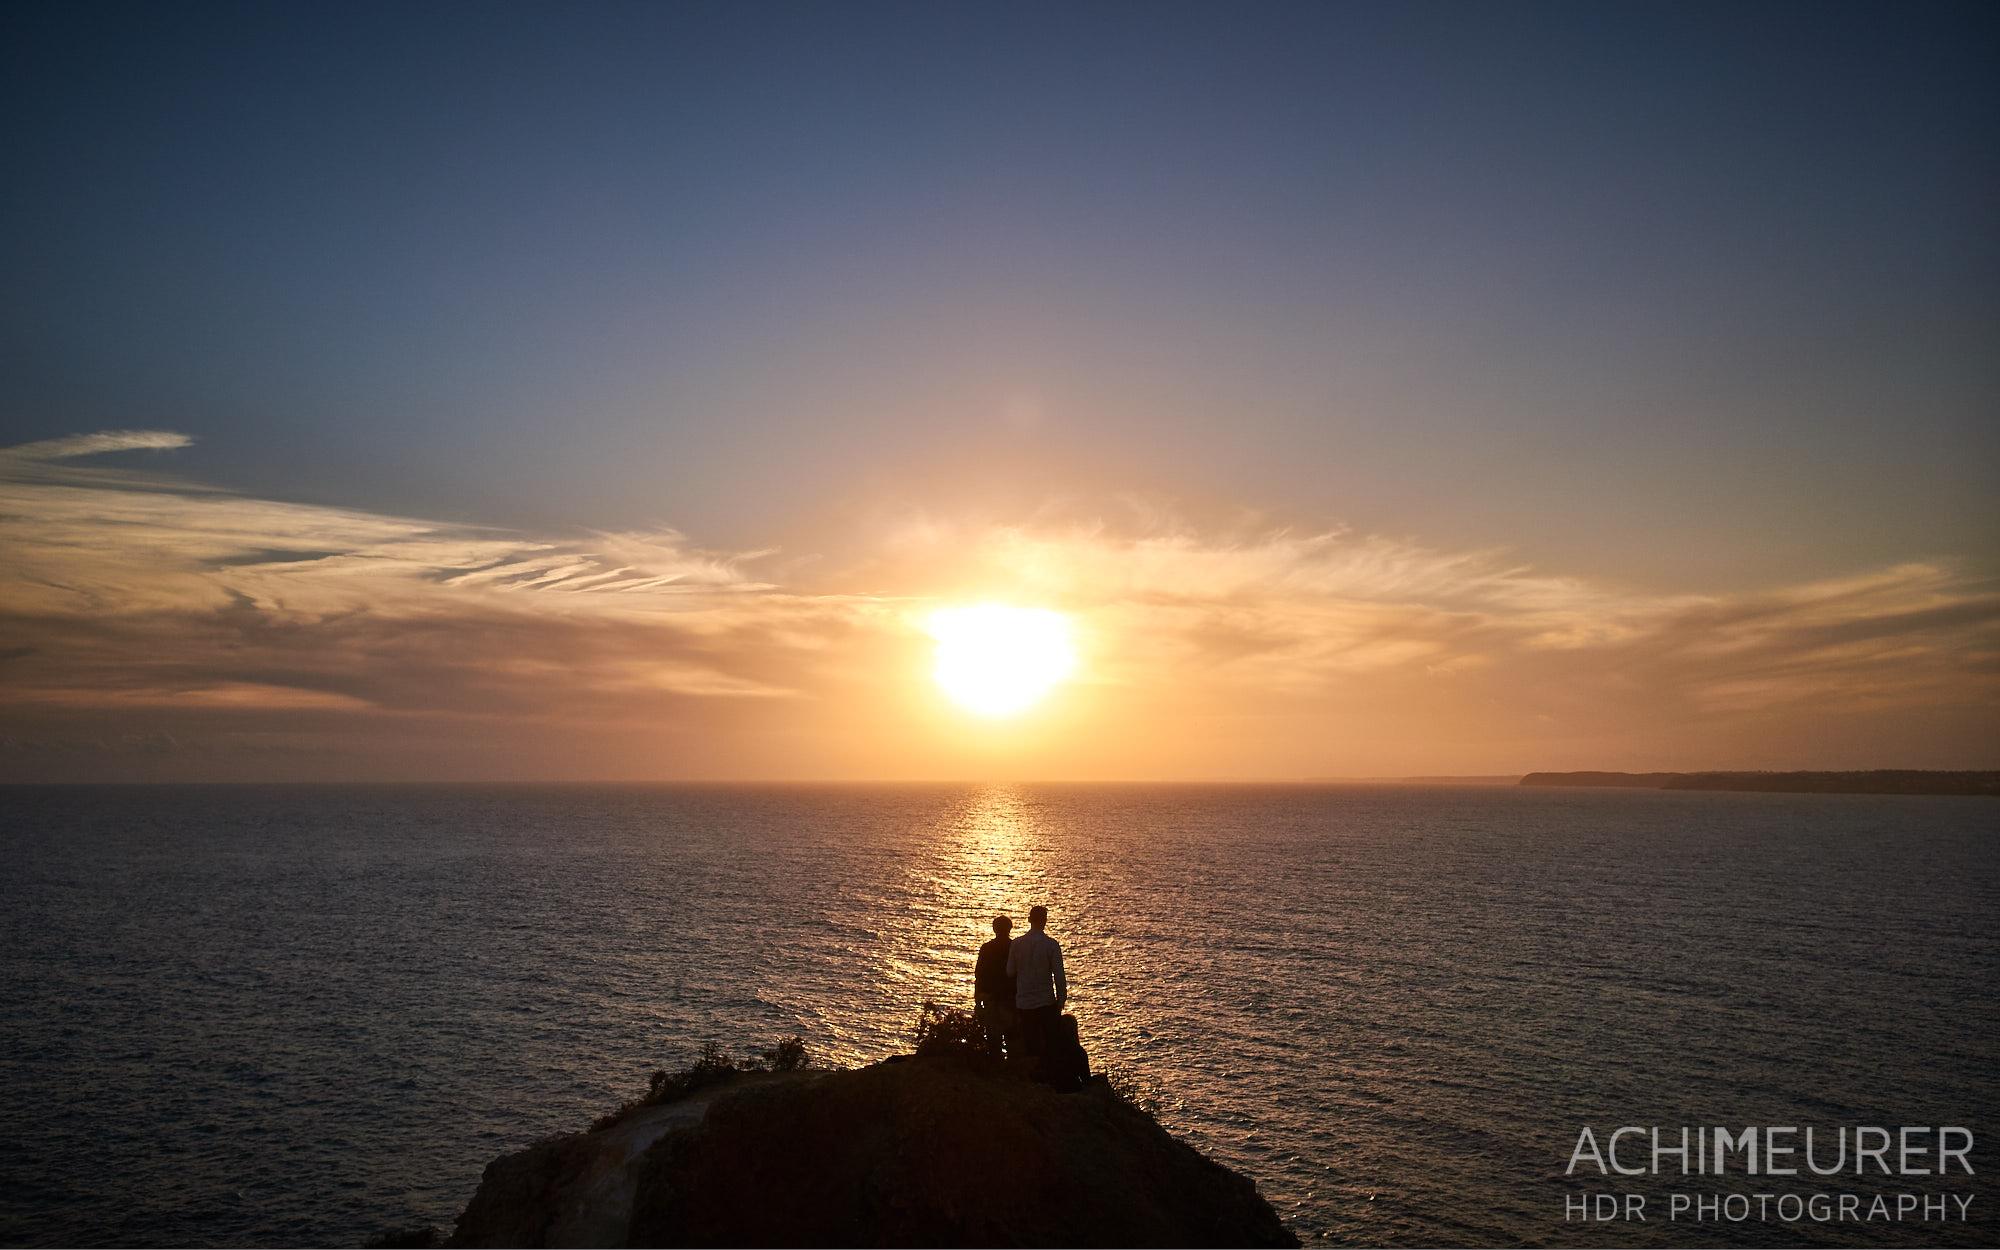 Sonnenuntergang an der Küste von Lagos, Algarve, Portugal by Achim Meurer.